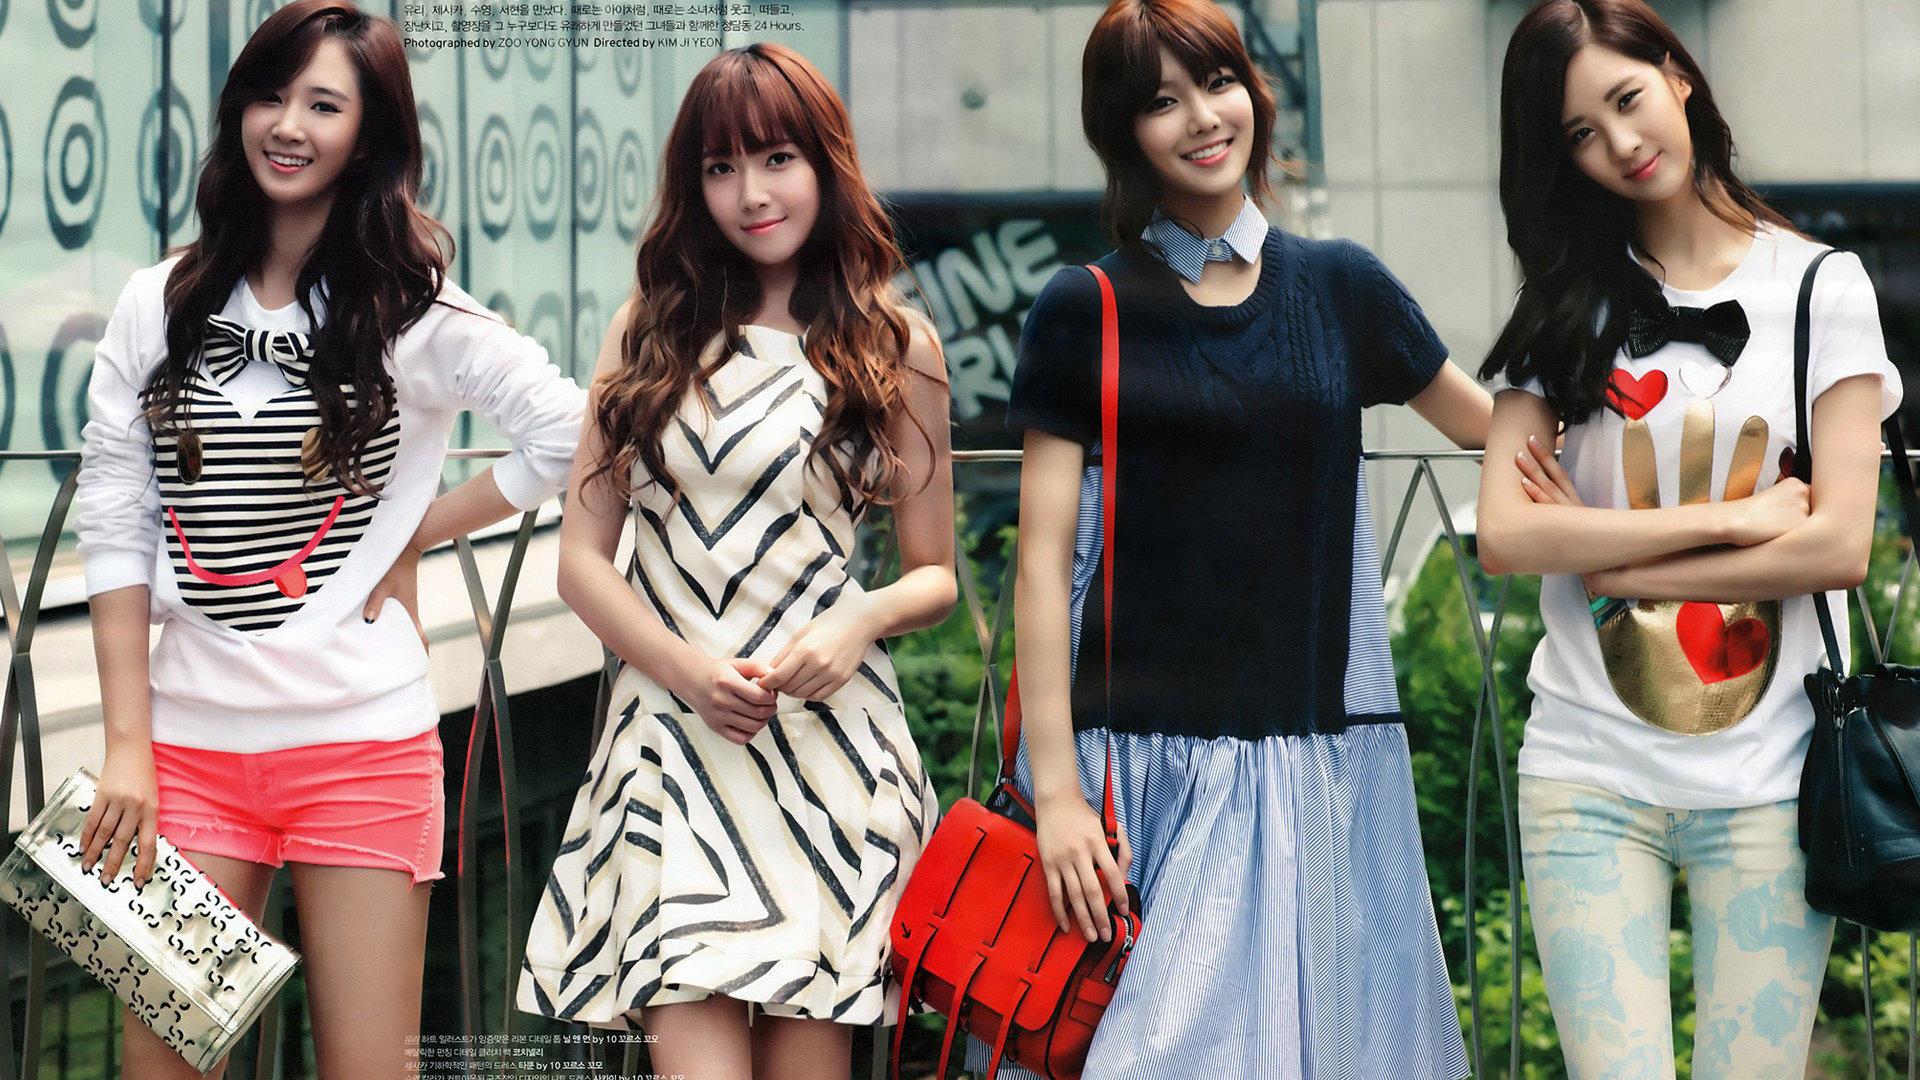 女时代 韩国美女明星组合壁纸